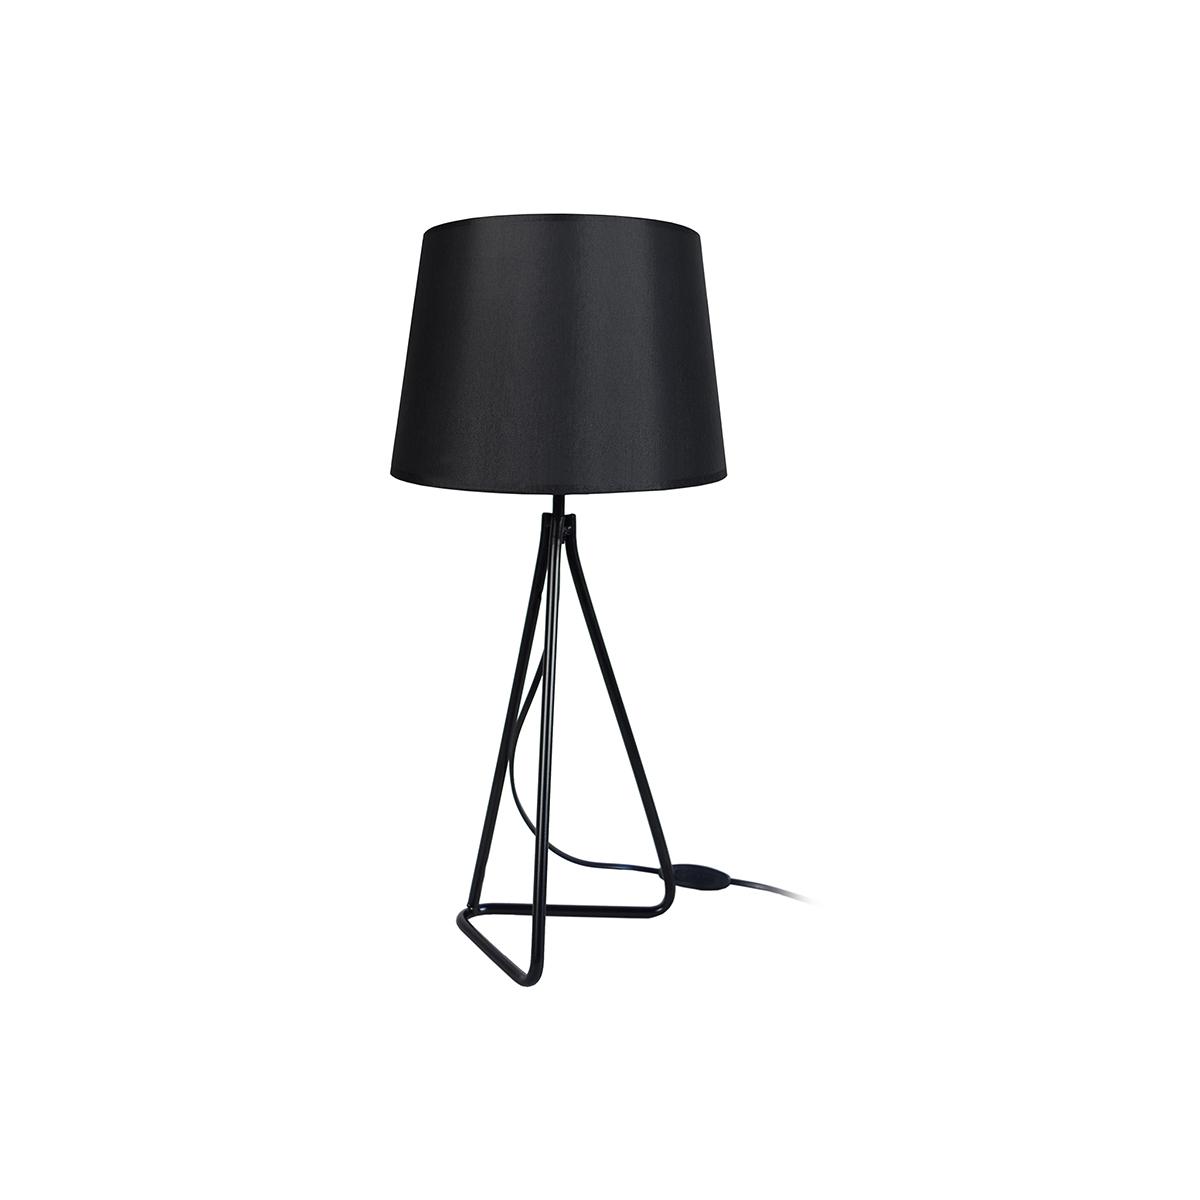 Lampada da tavolo design in acciaio Nero LADY